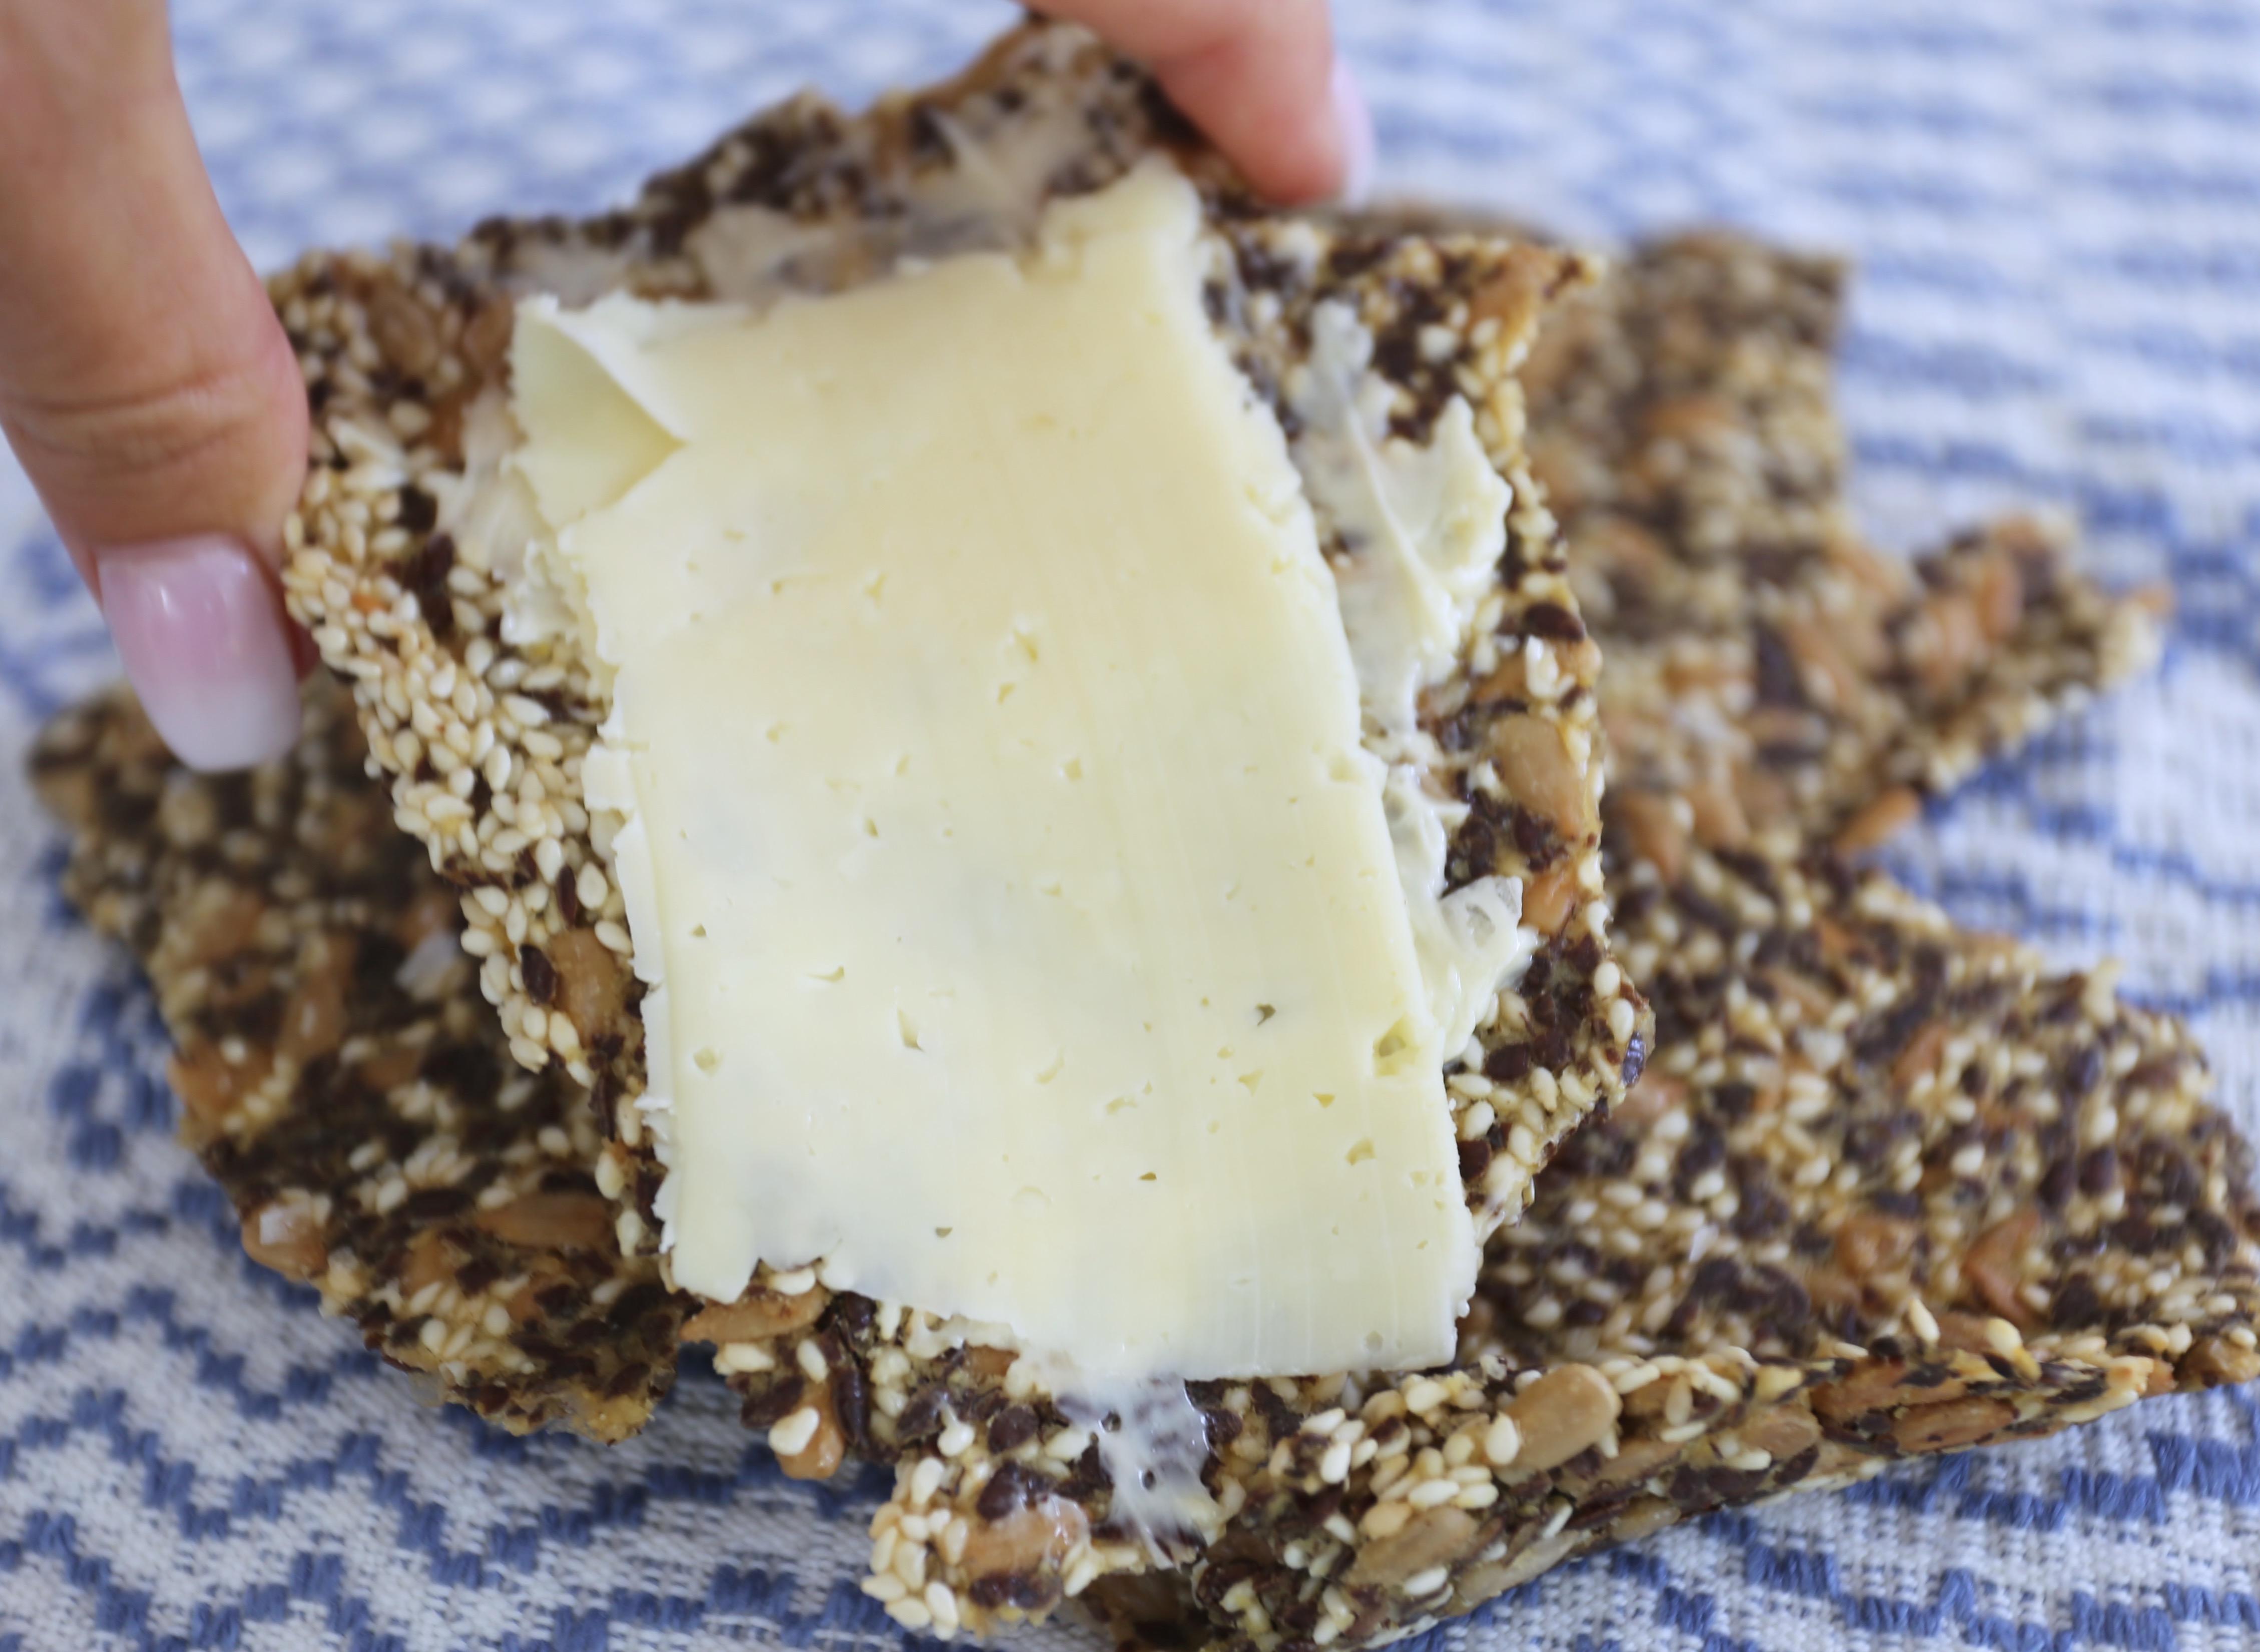 fröknäcke med ost